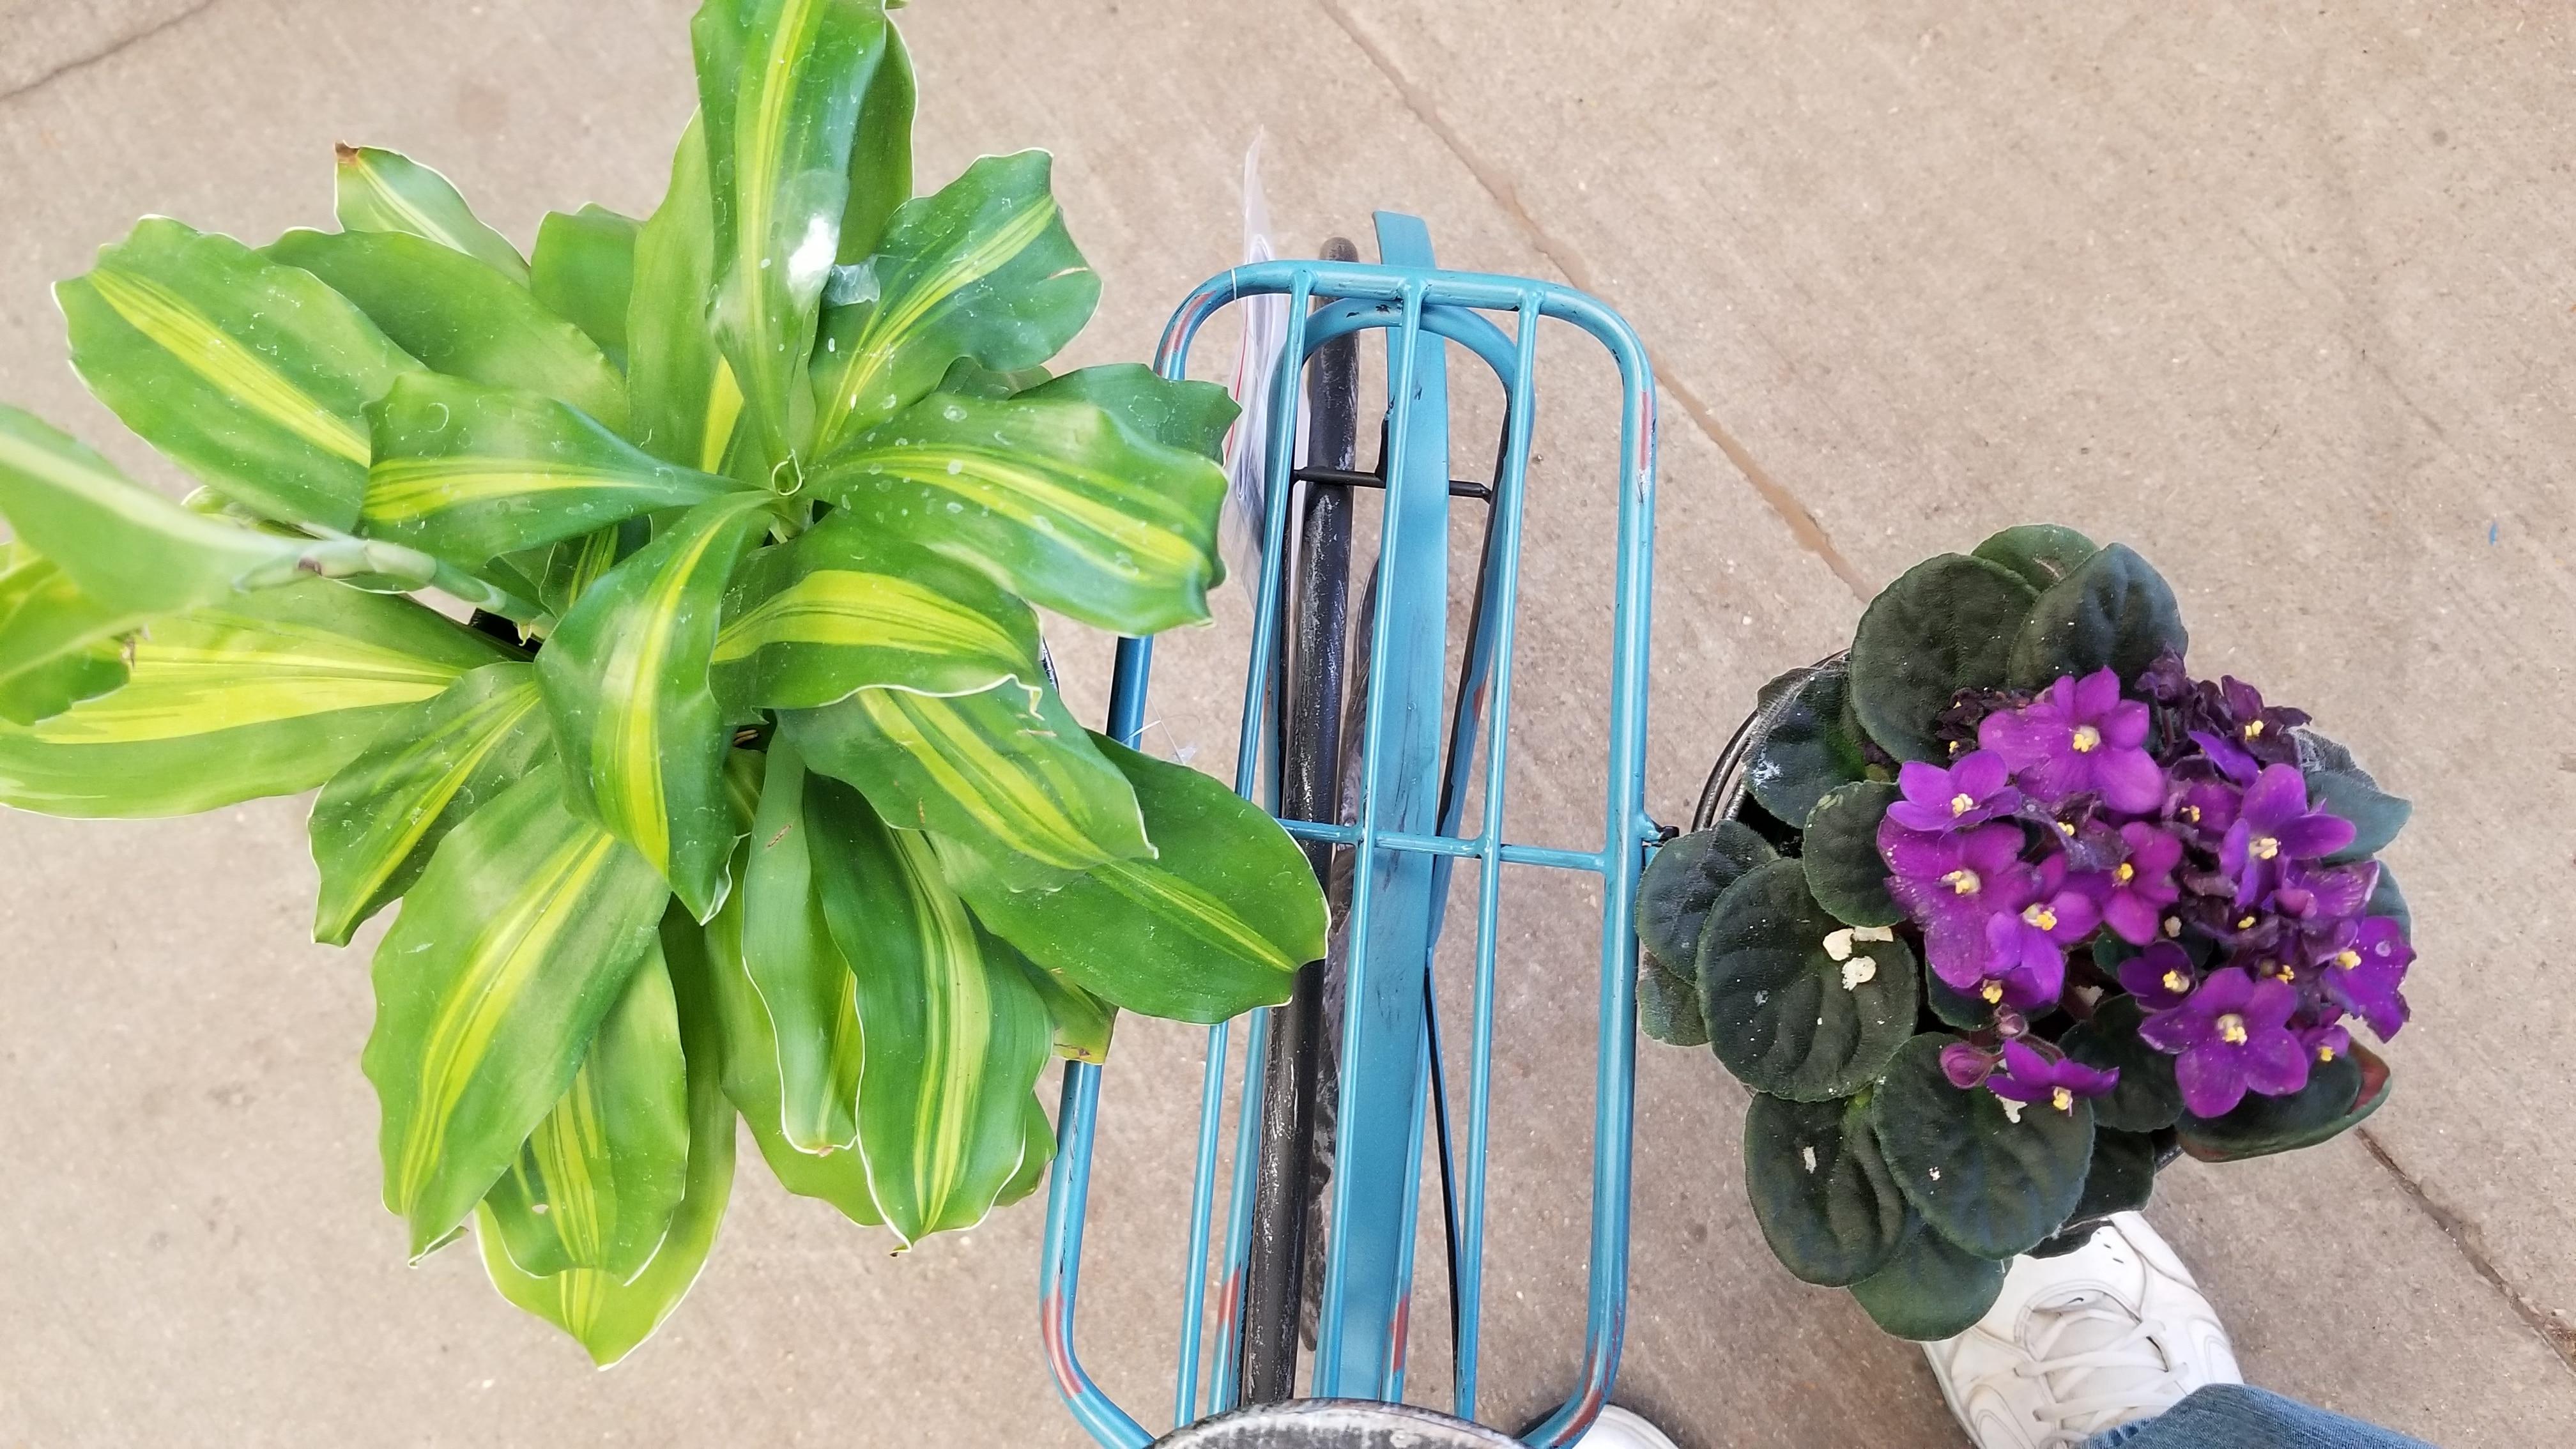 Plants in pots on the back of garden bike